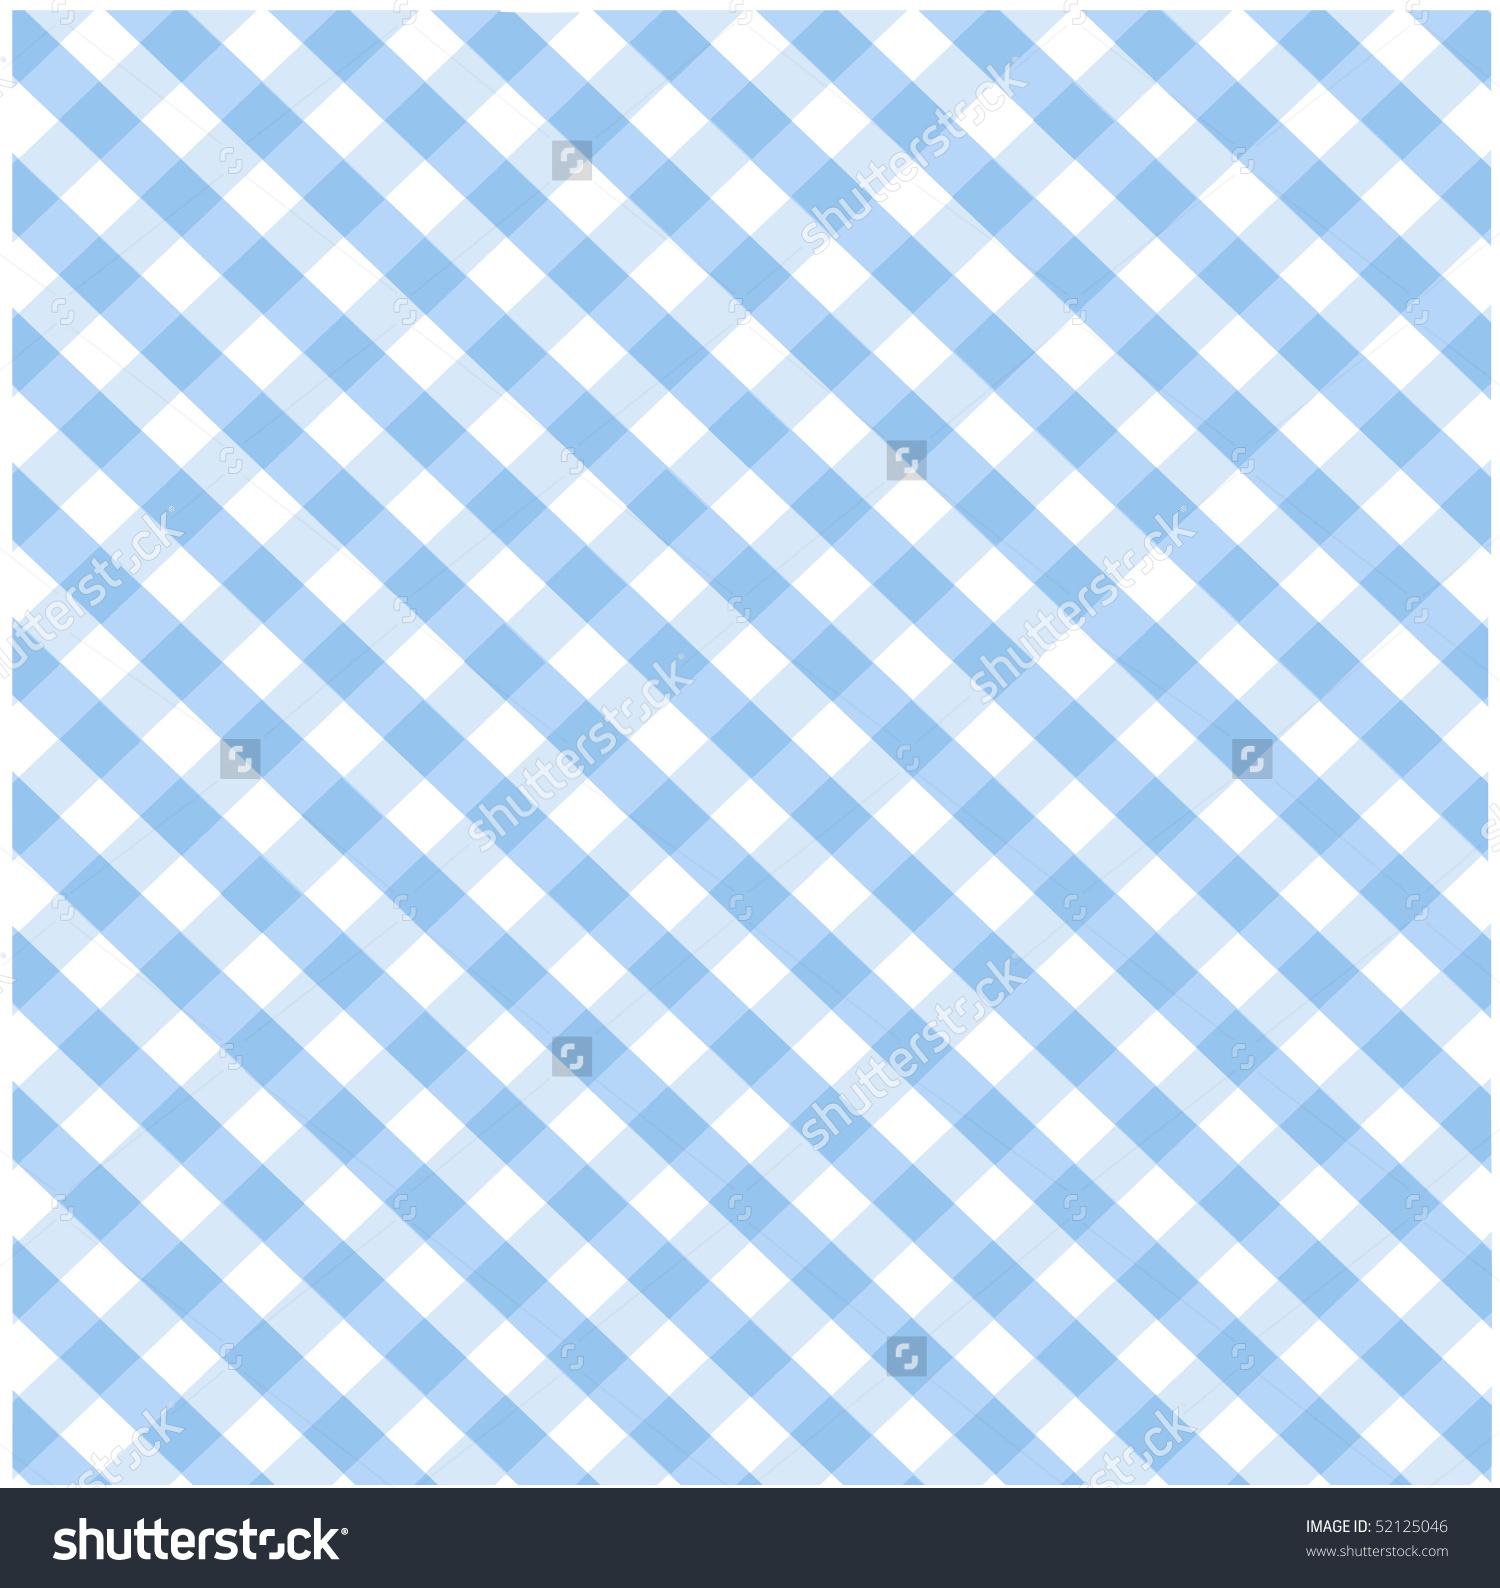 Images of Blue Plaid | 1500x1588